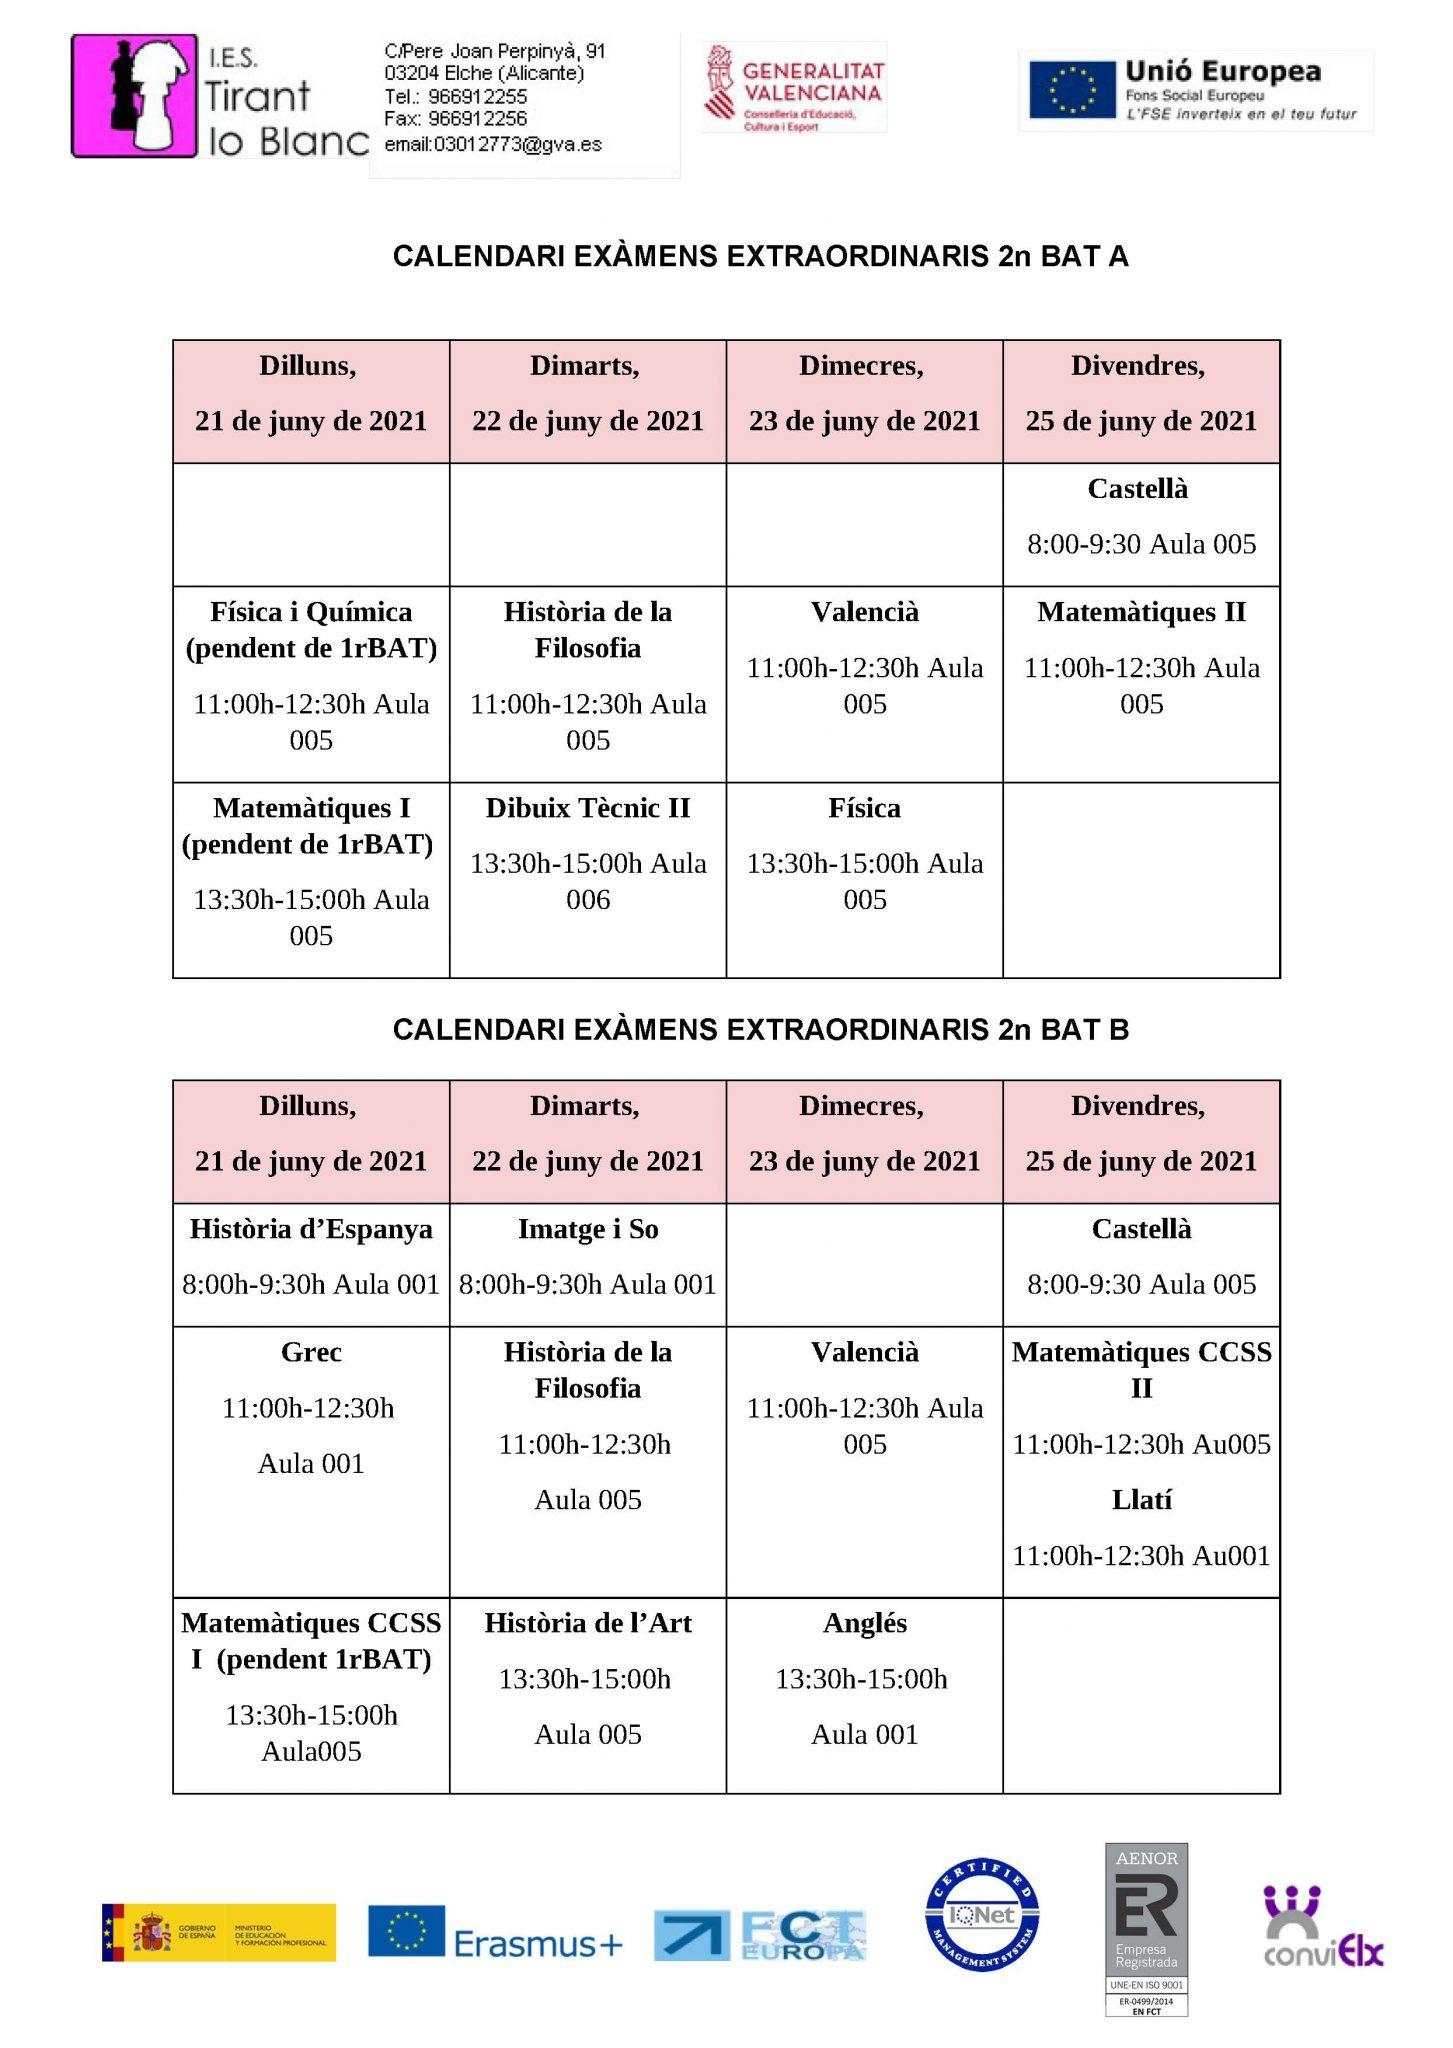 calendari exàmens extraordinaris 2nbat